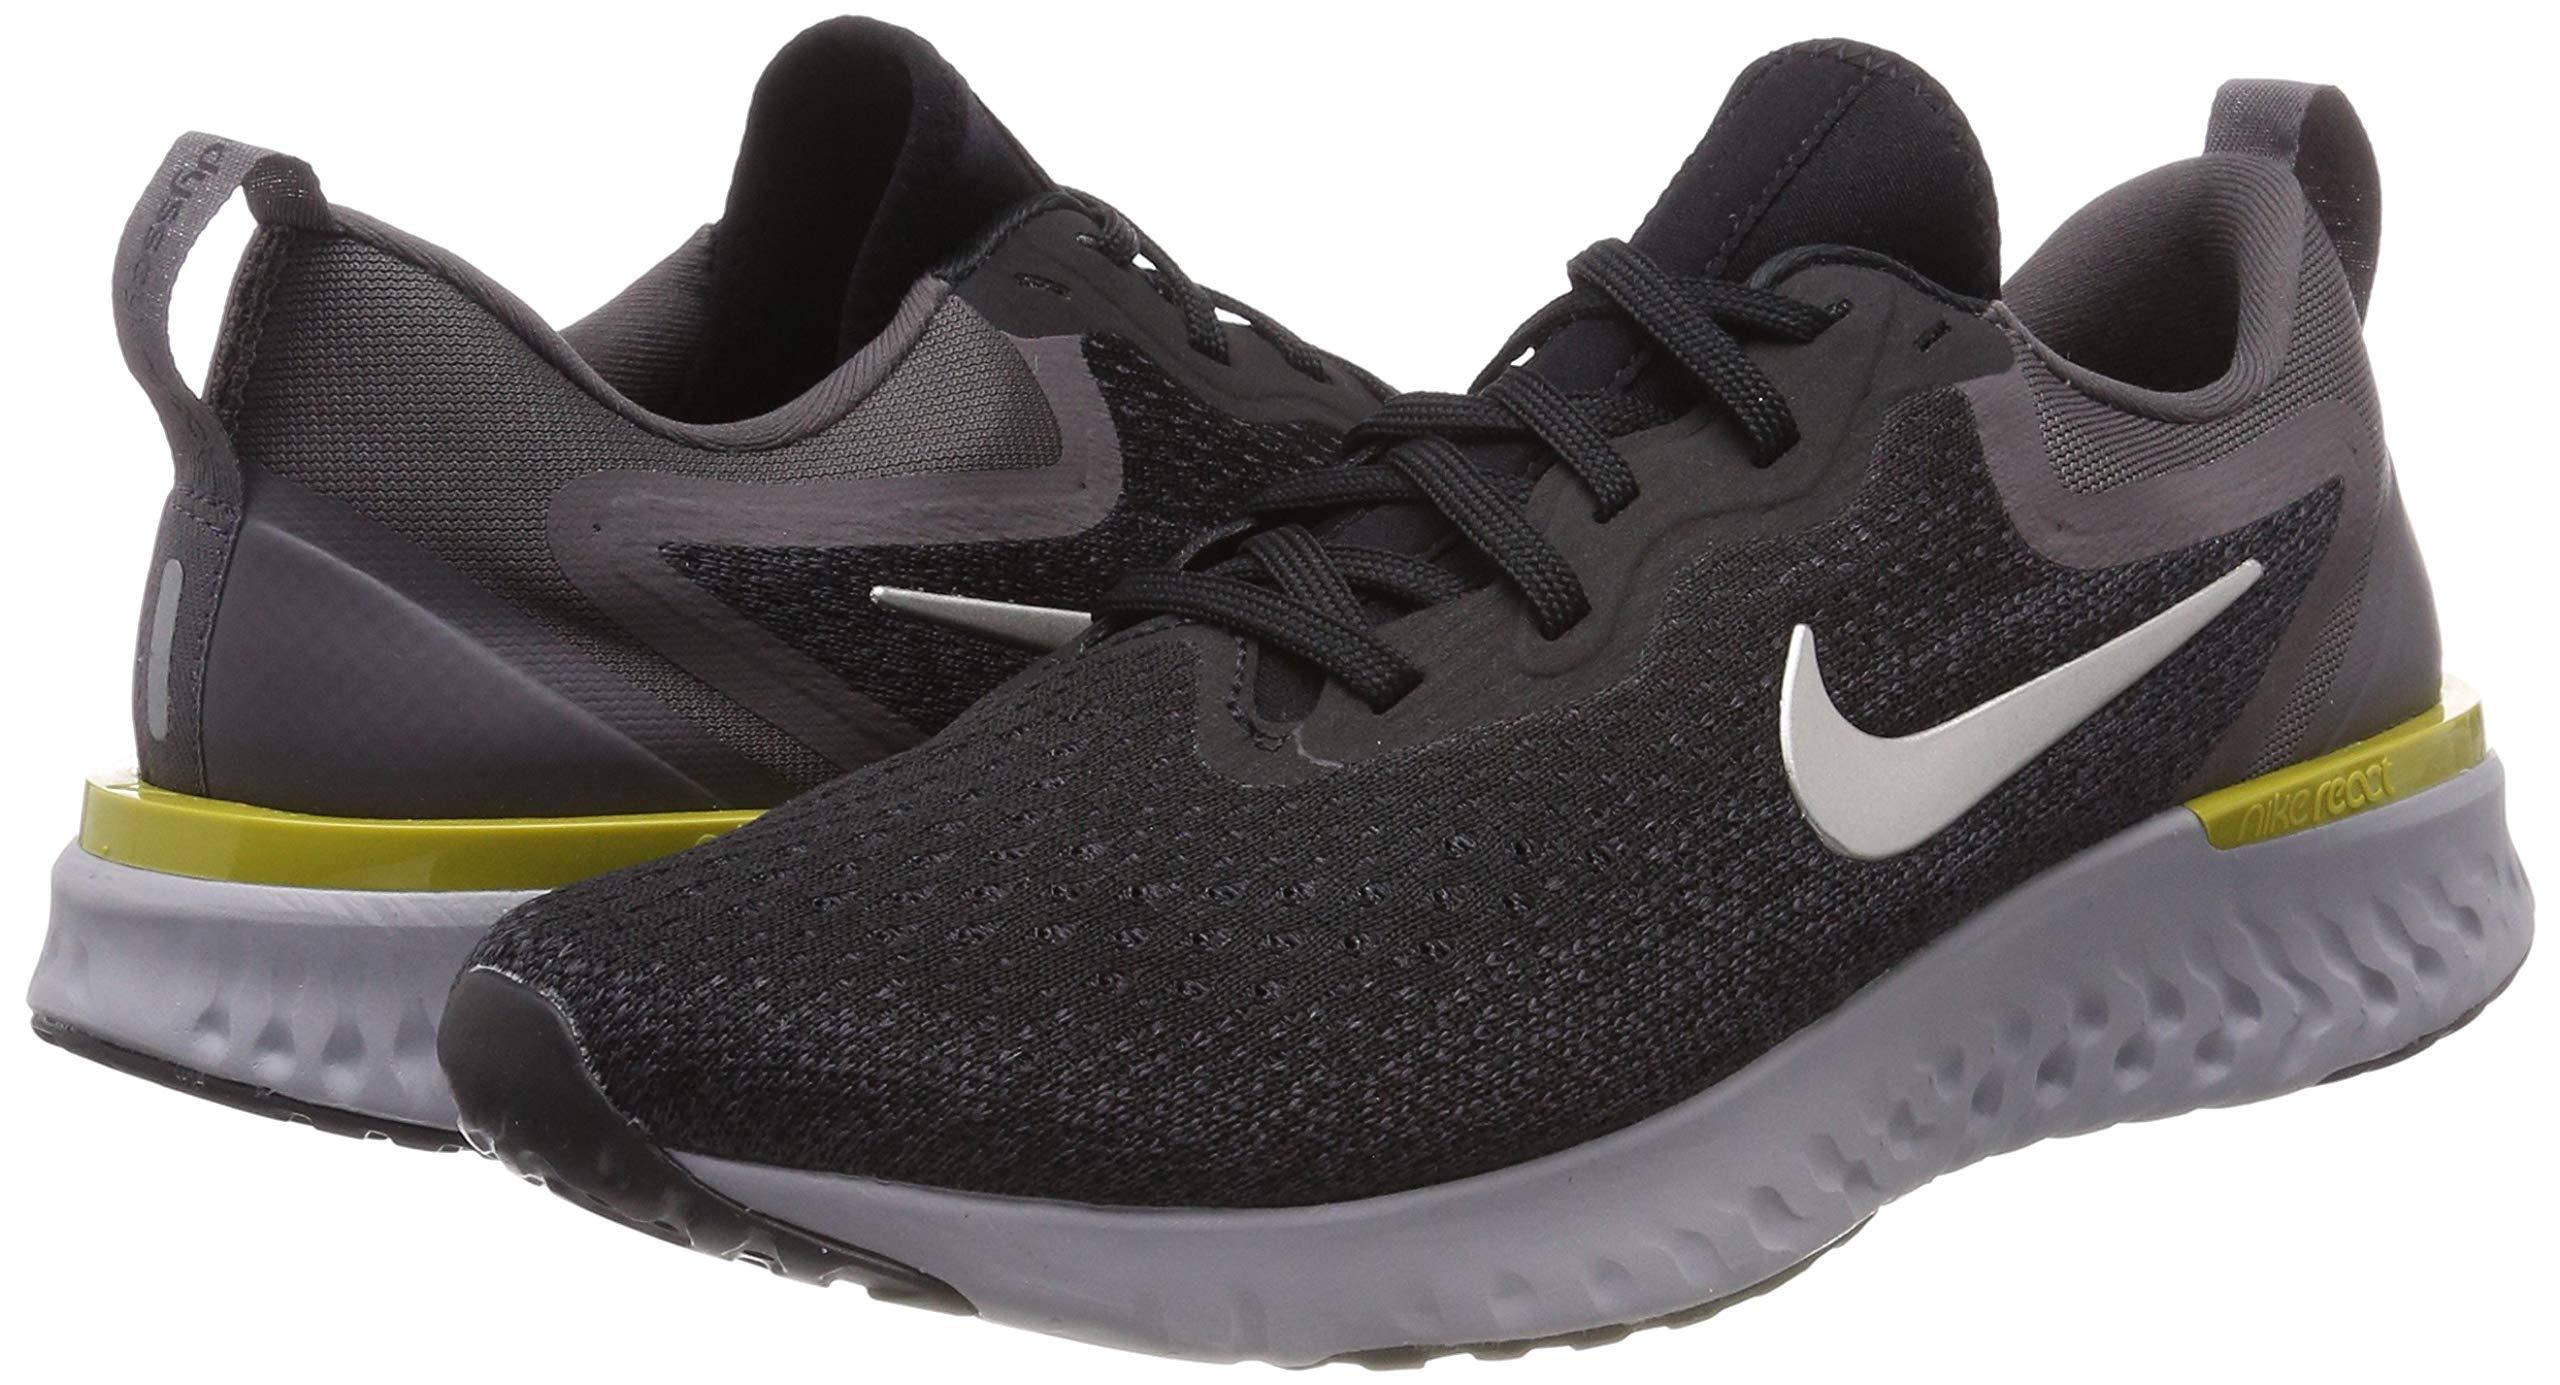 Nike Mens Odyssey React Running Shoes Black/Metallic/Grey/Atmos Grey 7 by Nike (Image #5)